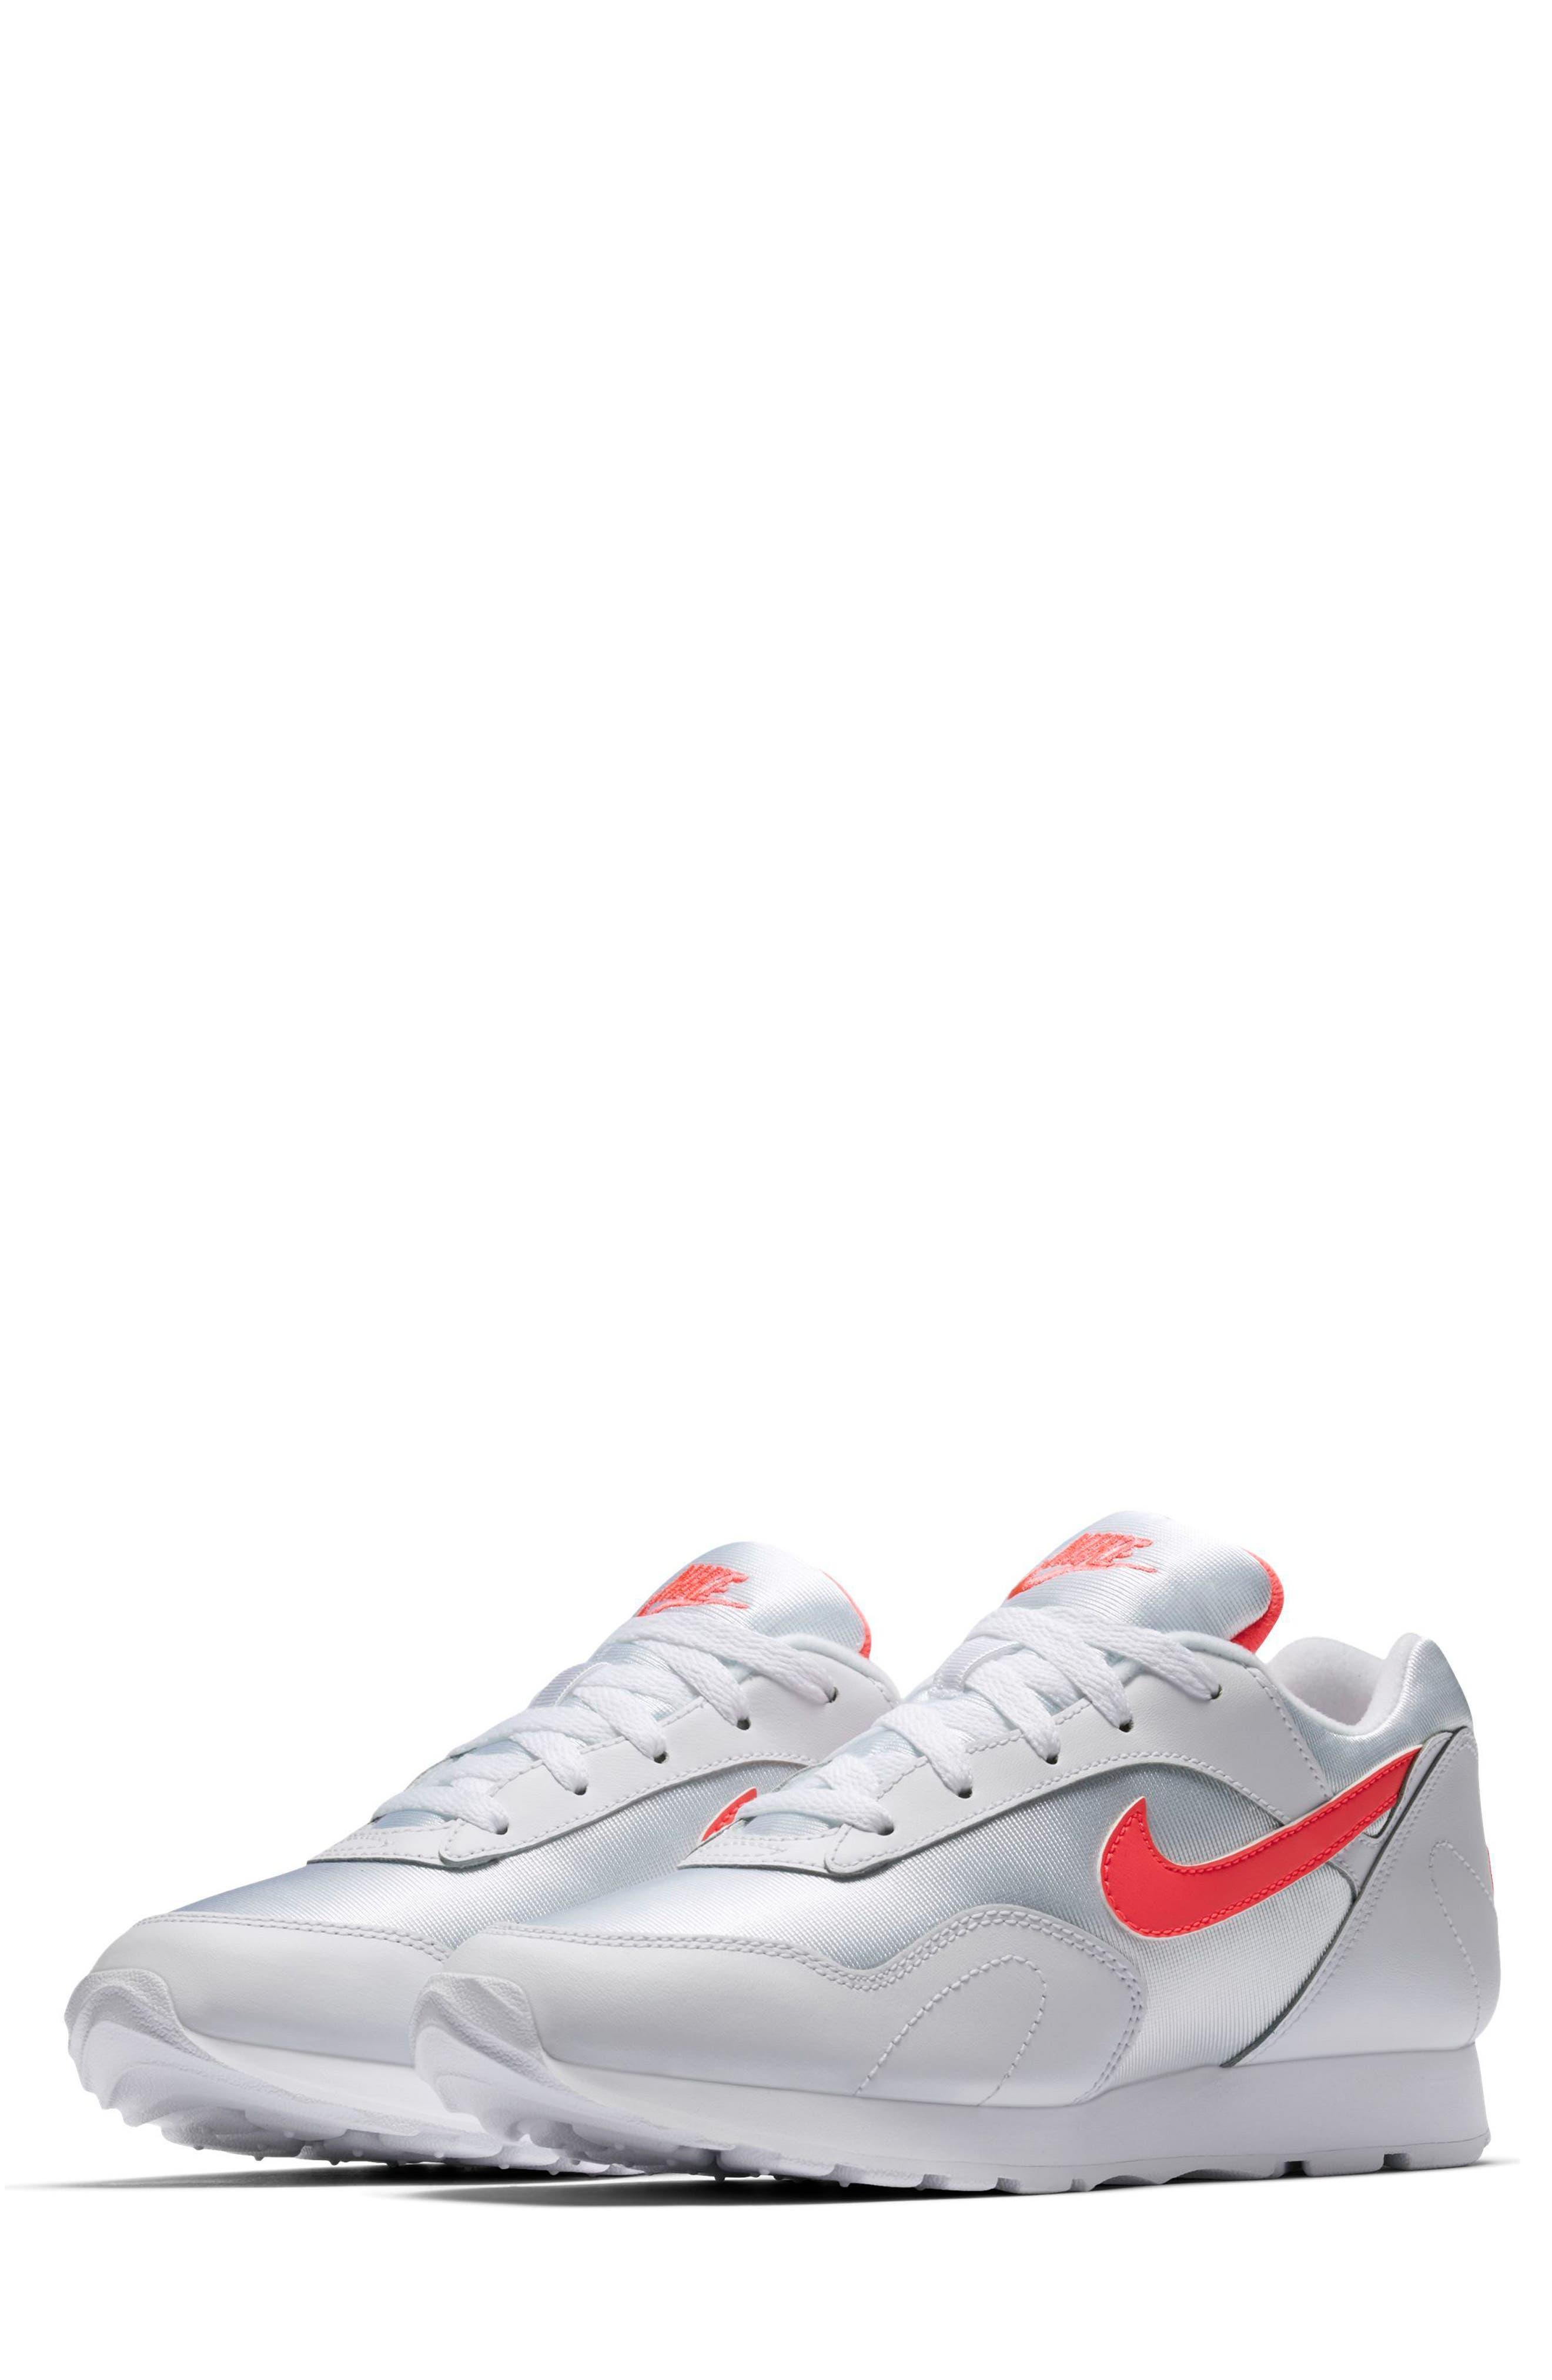 Outburst OG Sneaker,                             Main thumbnail 1, color,                             White/ Solar Red